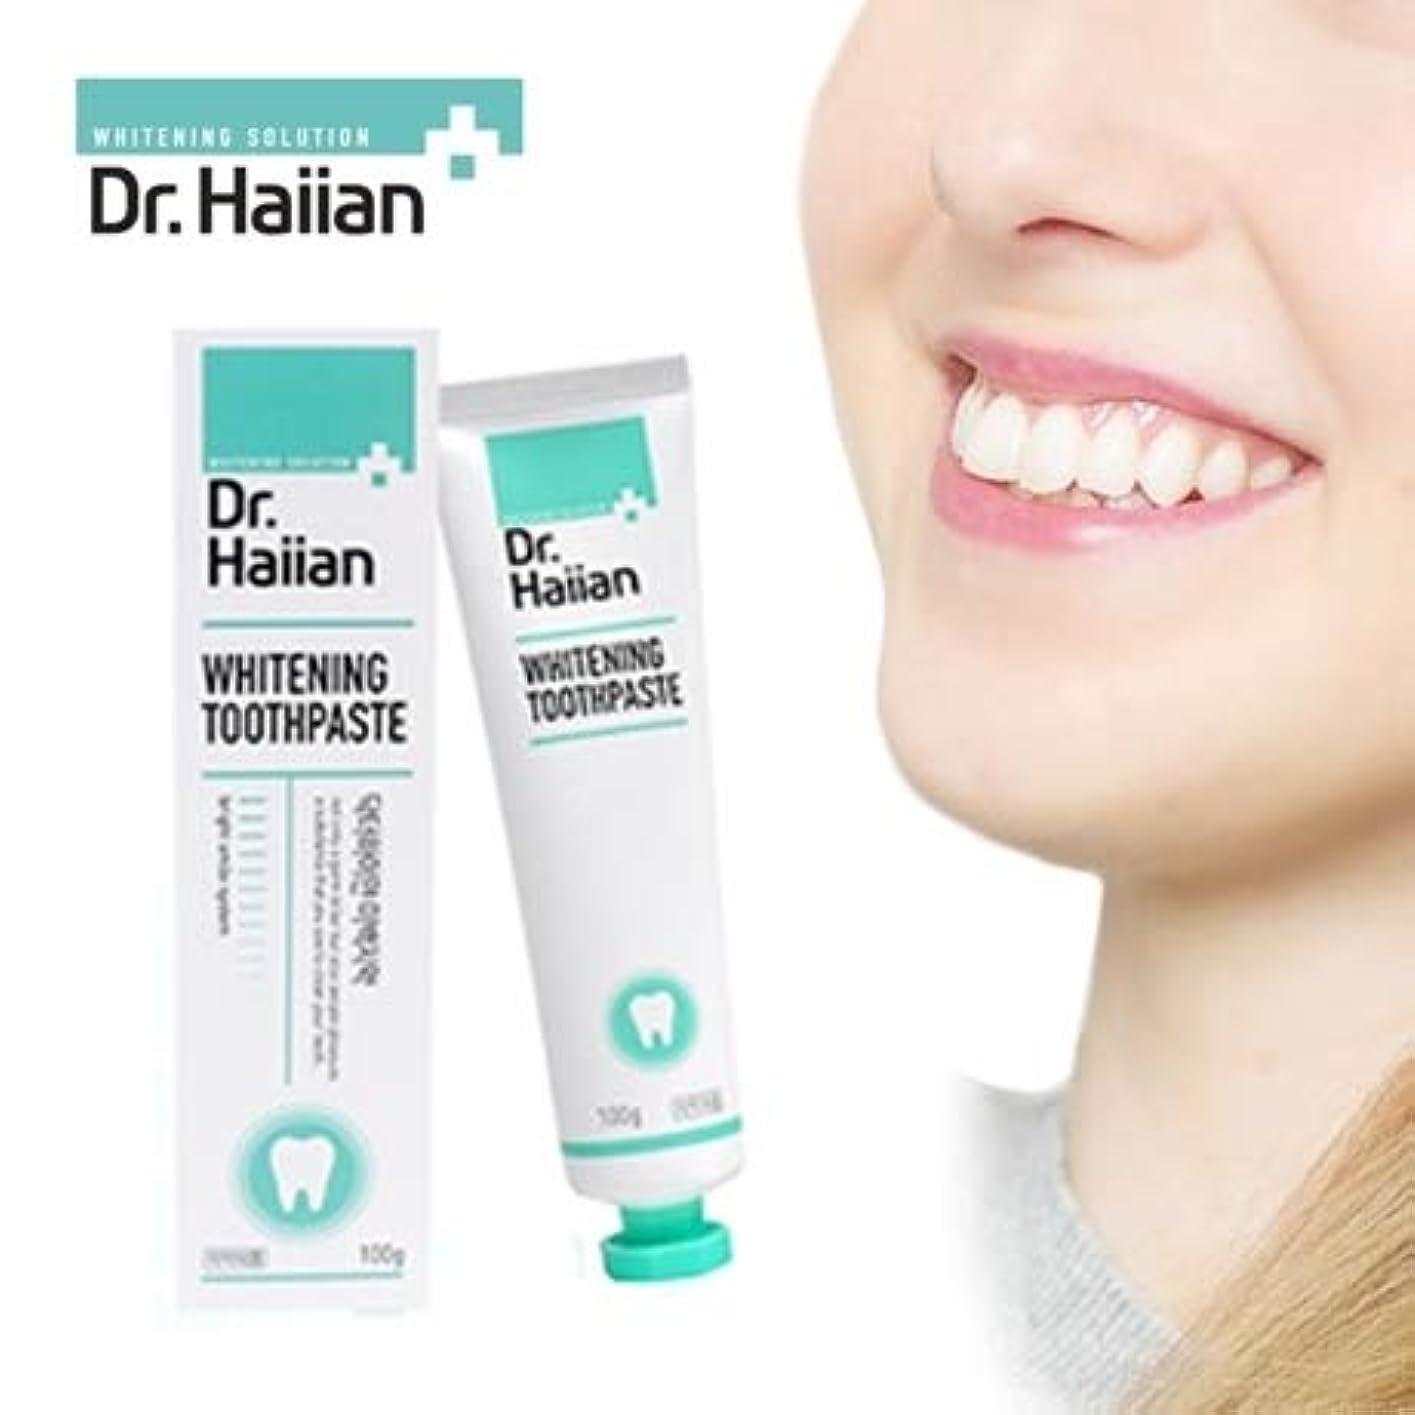 行商人宿命証明書Dr.Haiian WHITENING TOOTHPASTE ホワイトニング歯磨き粉 100g,韩国正品